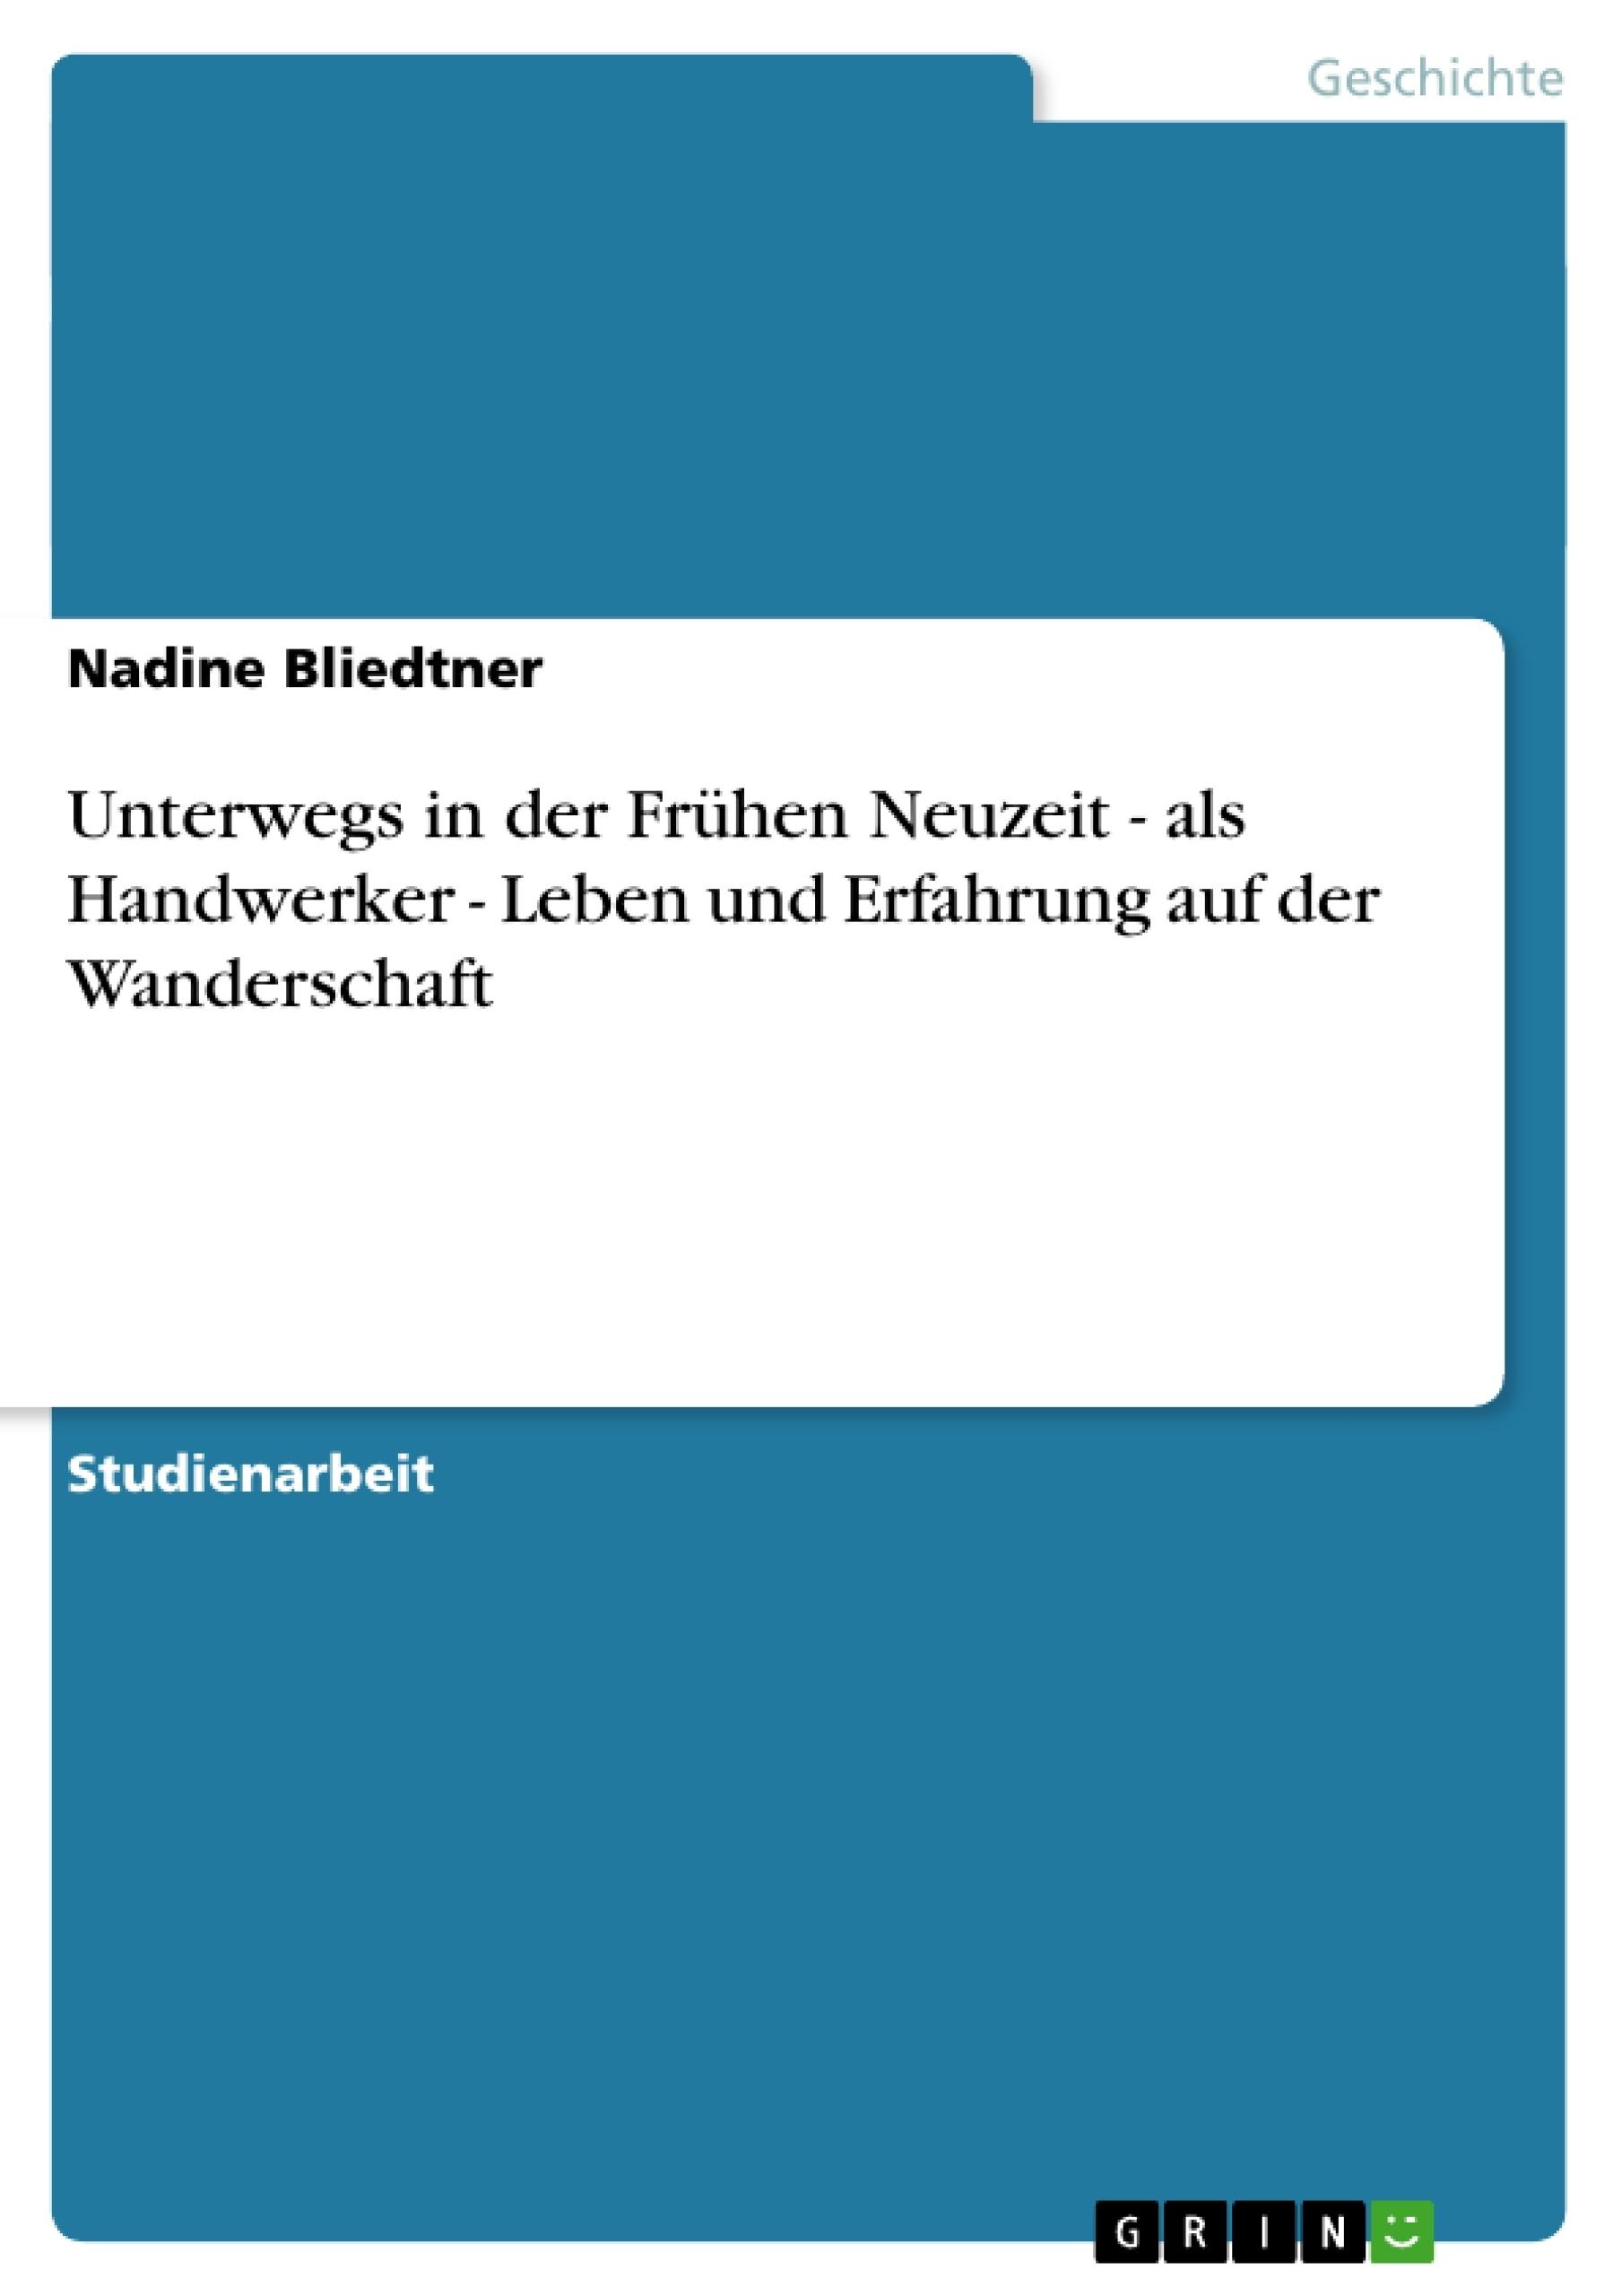 Titel: Unterwegs in der Frühen Neuzeit - als Handwerker - Leben und Erfahrung auf der Wanderschaft